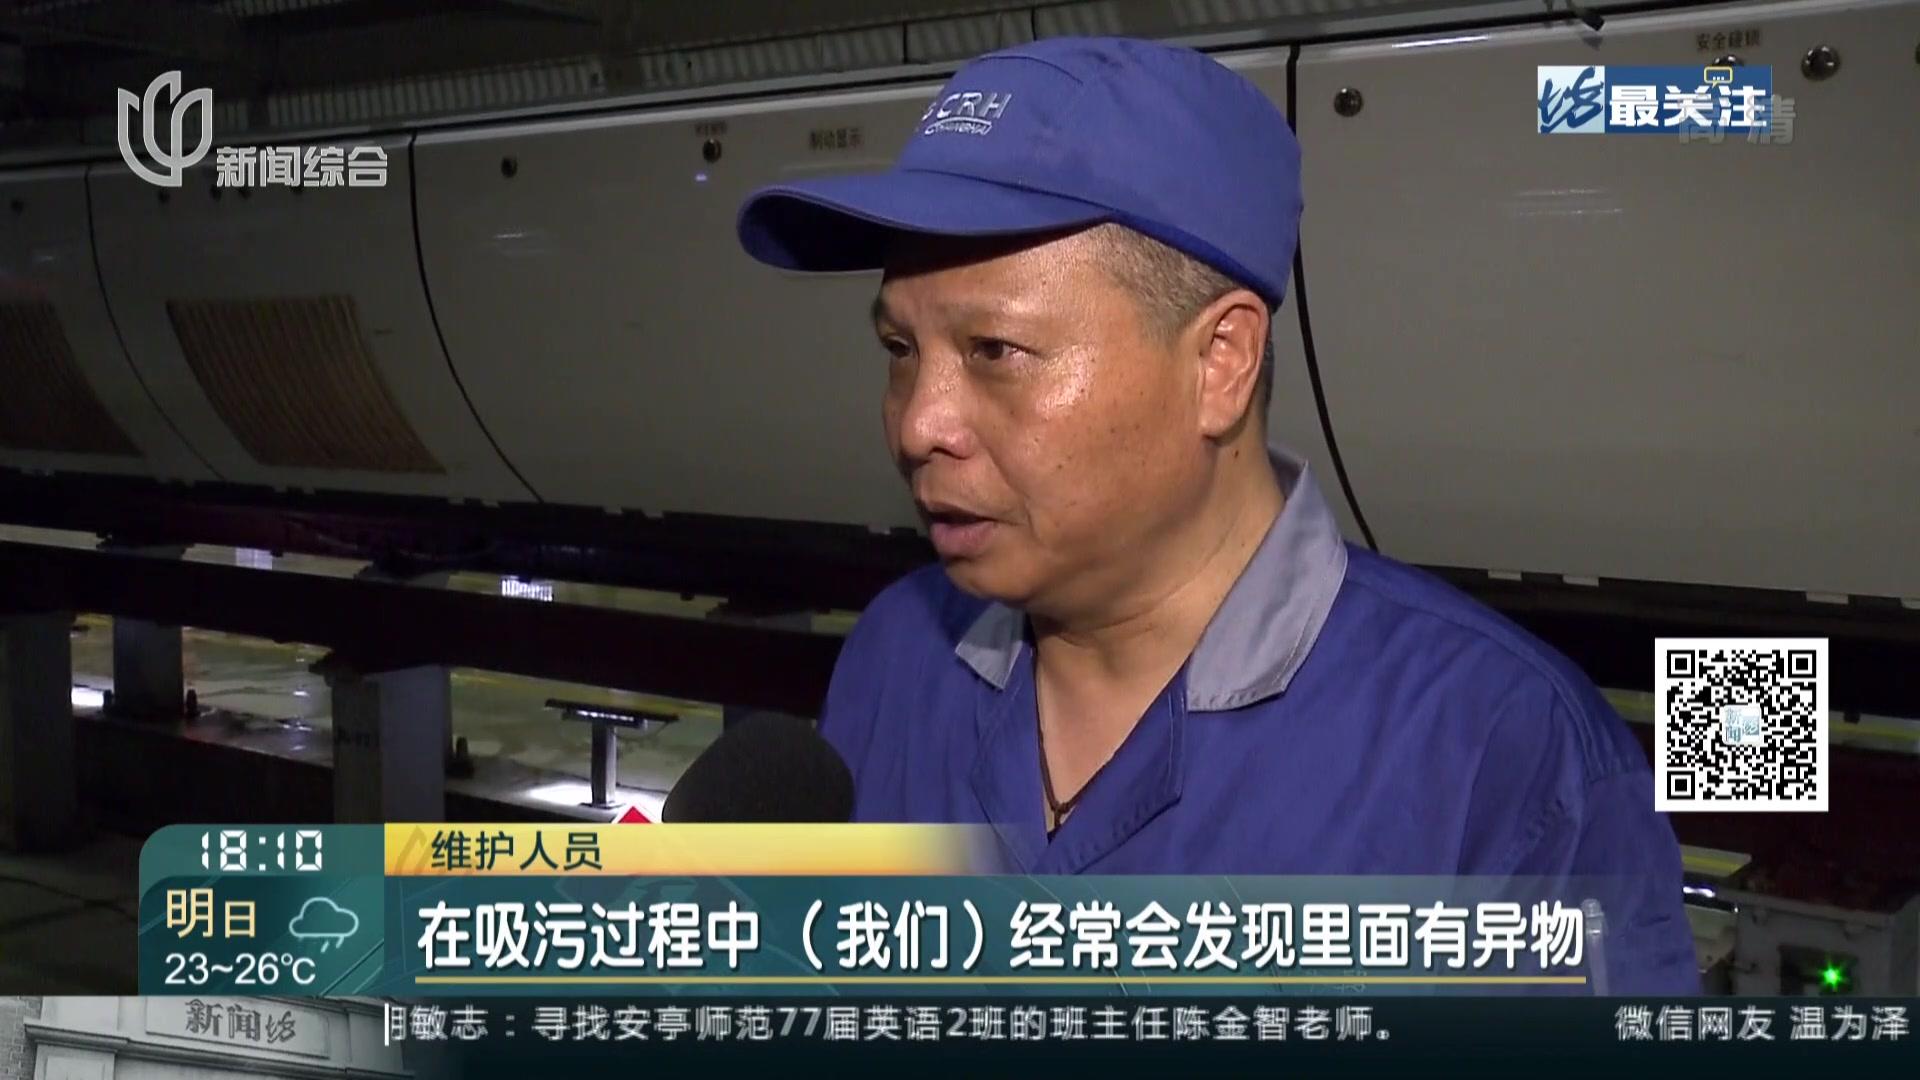 """新闻特写:夜探动车所灯火通明  """"高铁卫士""""养护细致入微"""